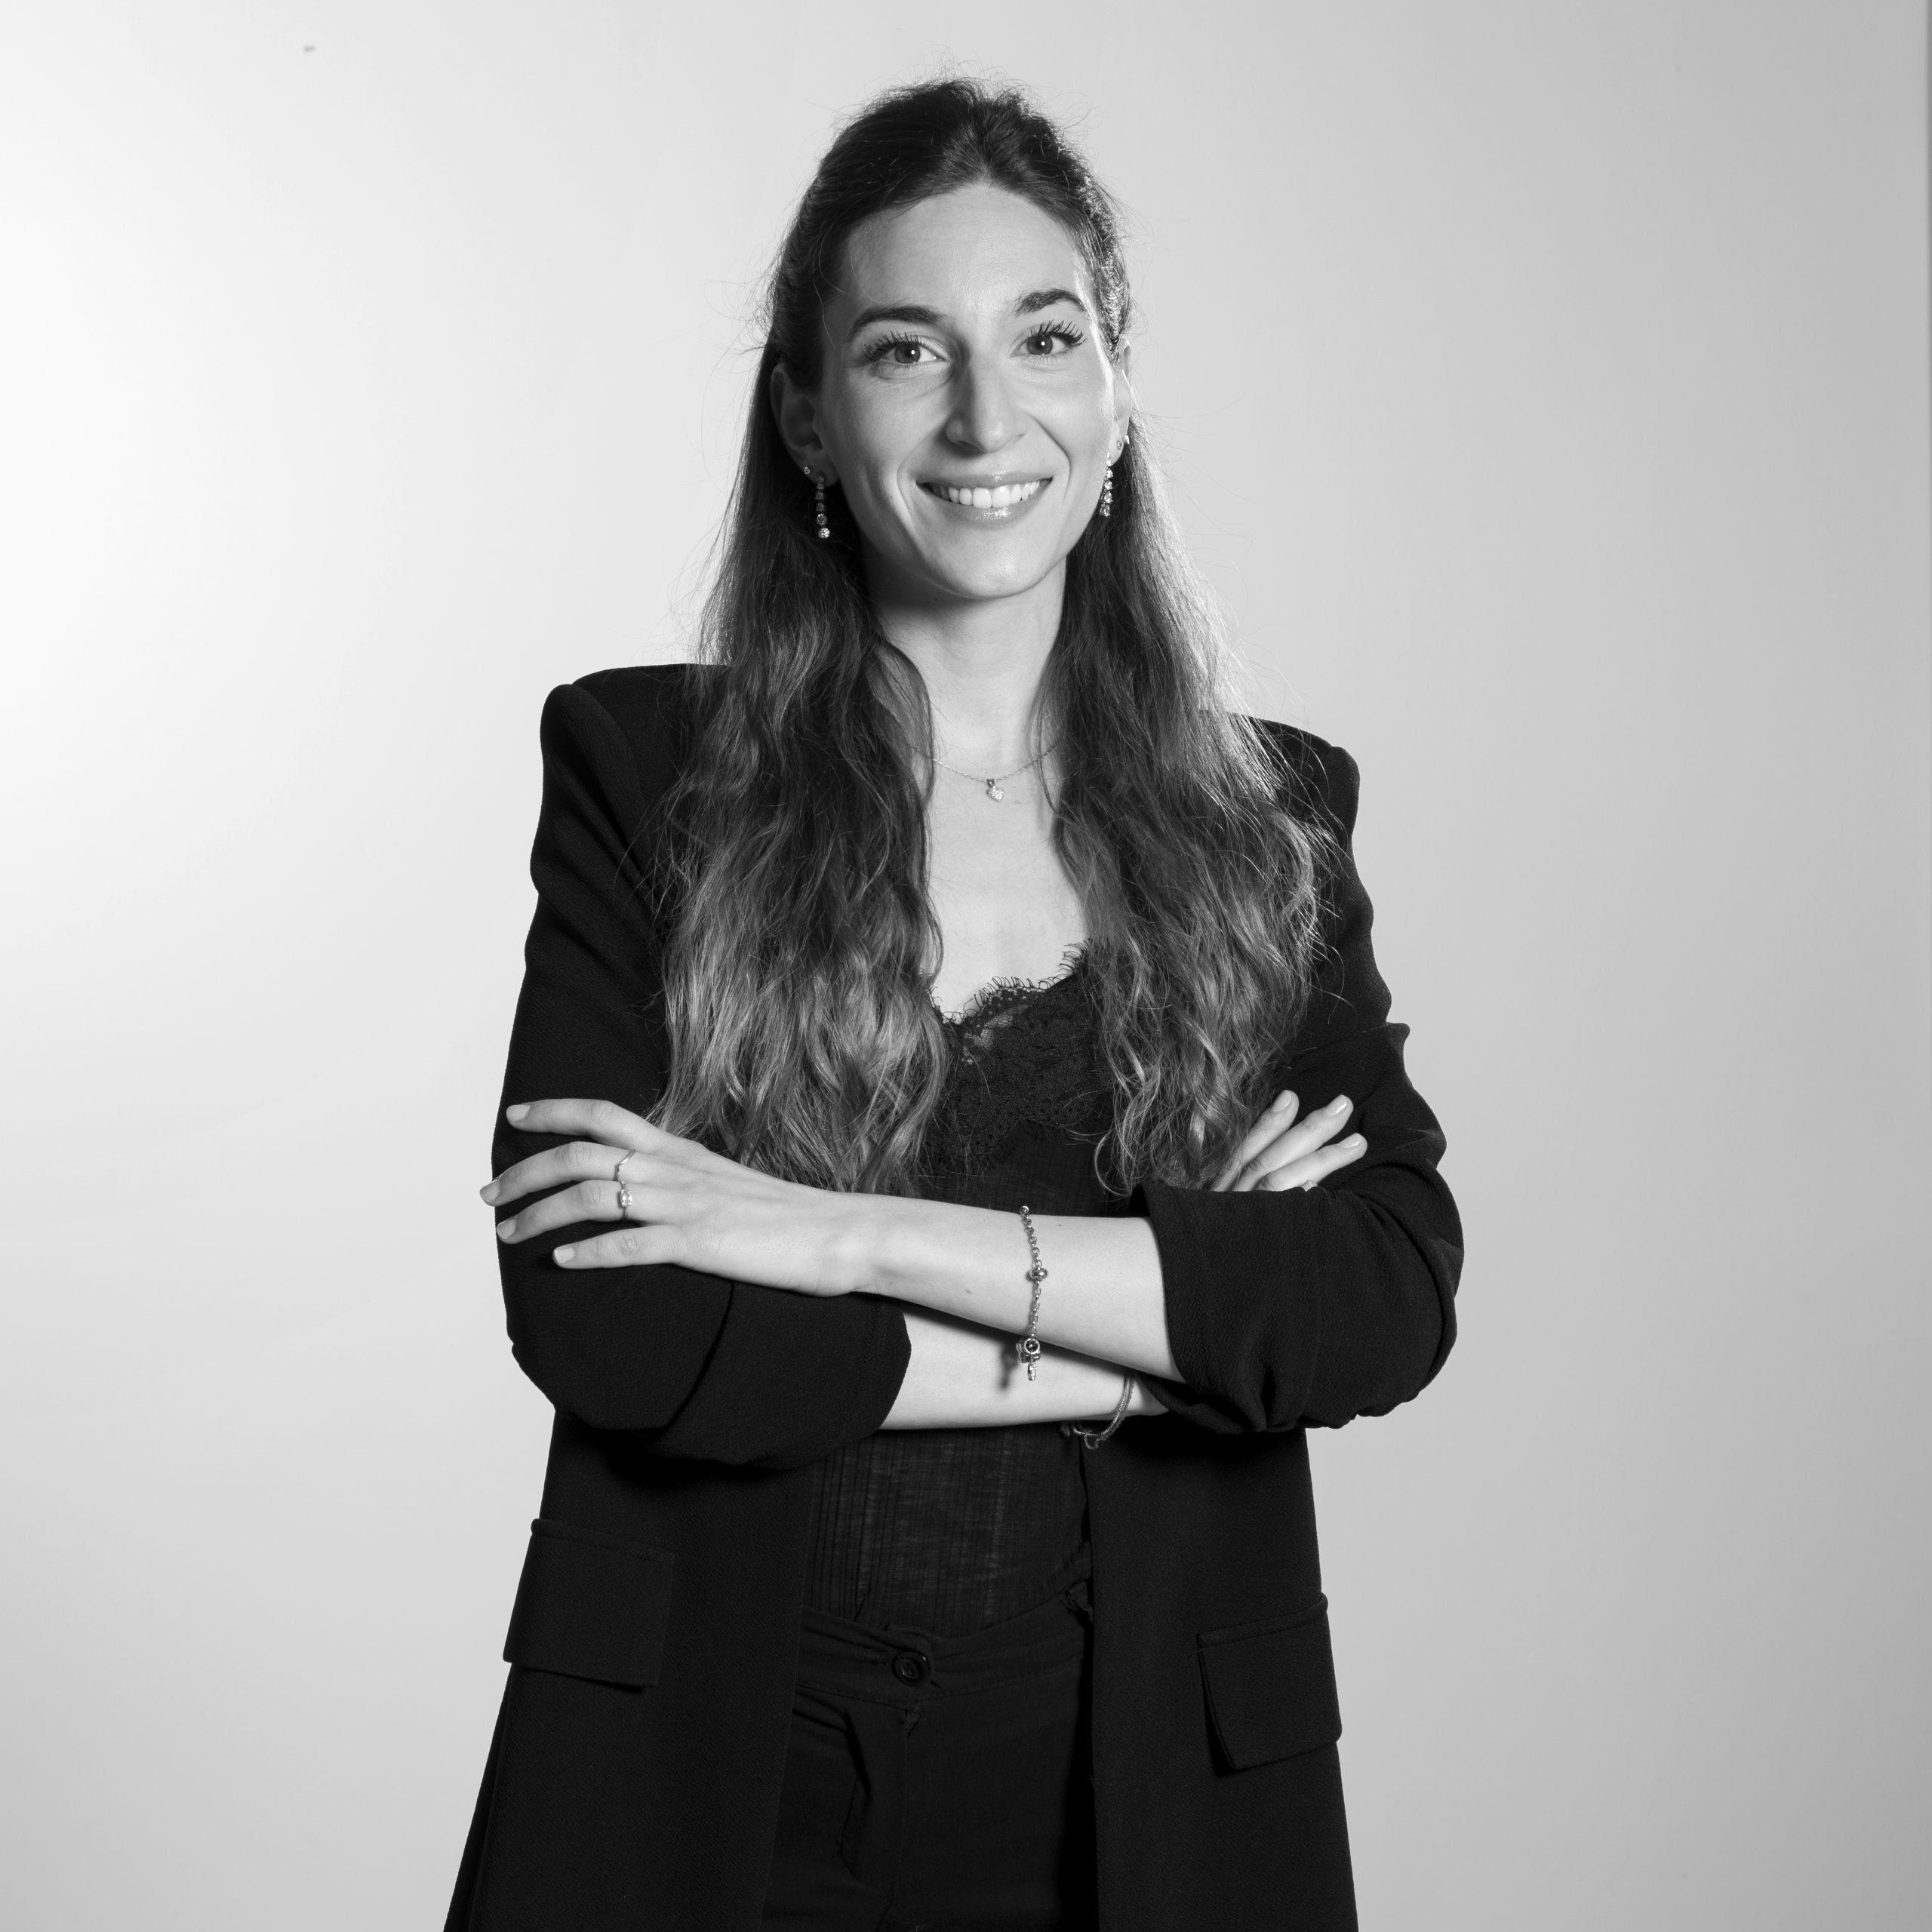 Ilaria Proleven